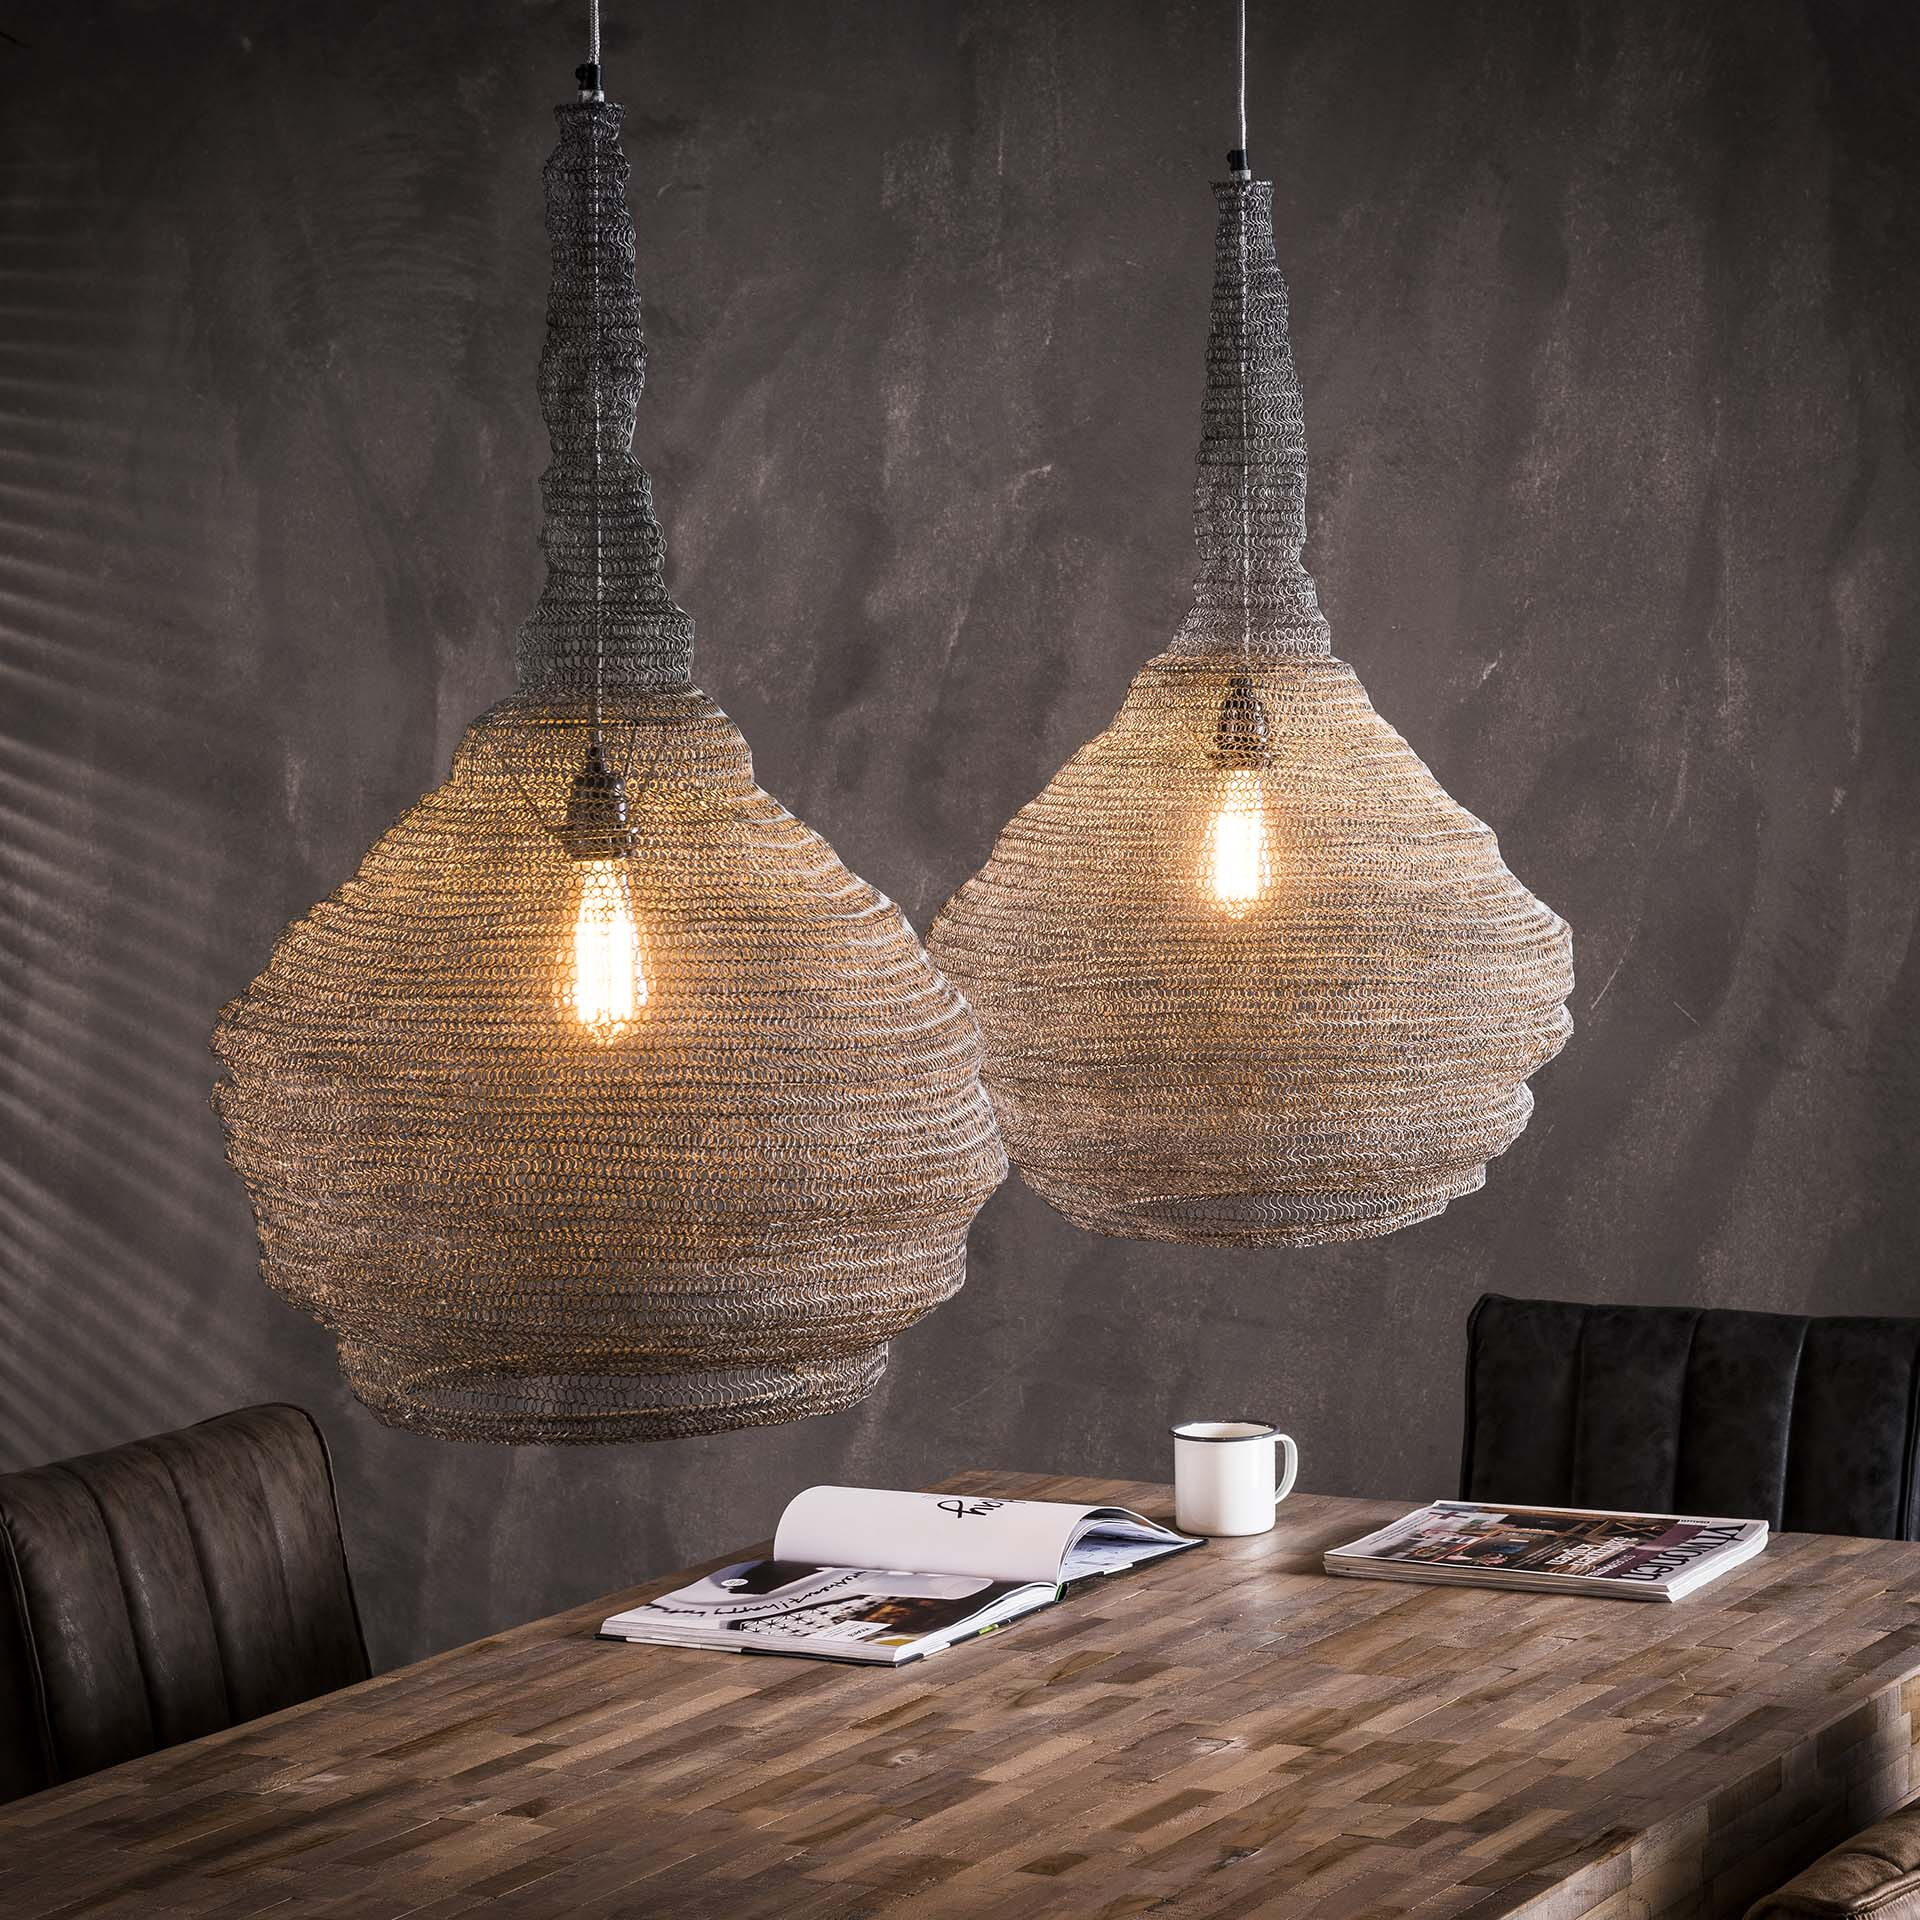 Dubbele Hanglamp 'Zachary' gaas, 2 x Ø45 cm Verlichting | Hanglampen vergelijken doe je het voordeligst hier bij Meubelpartner